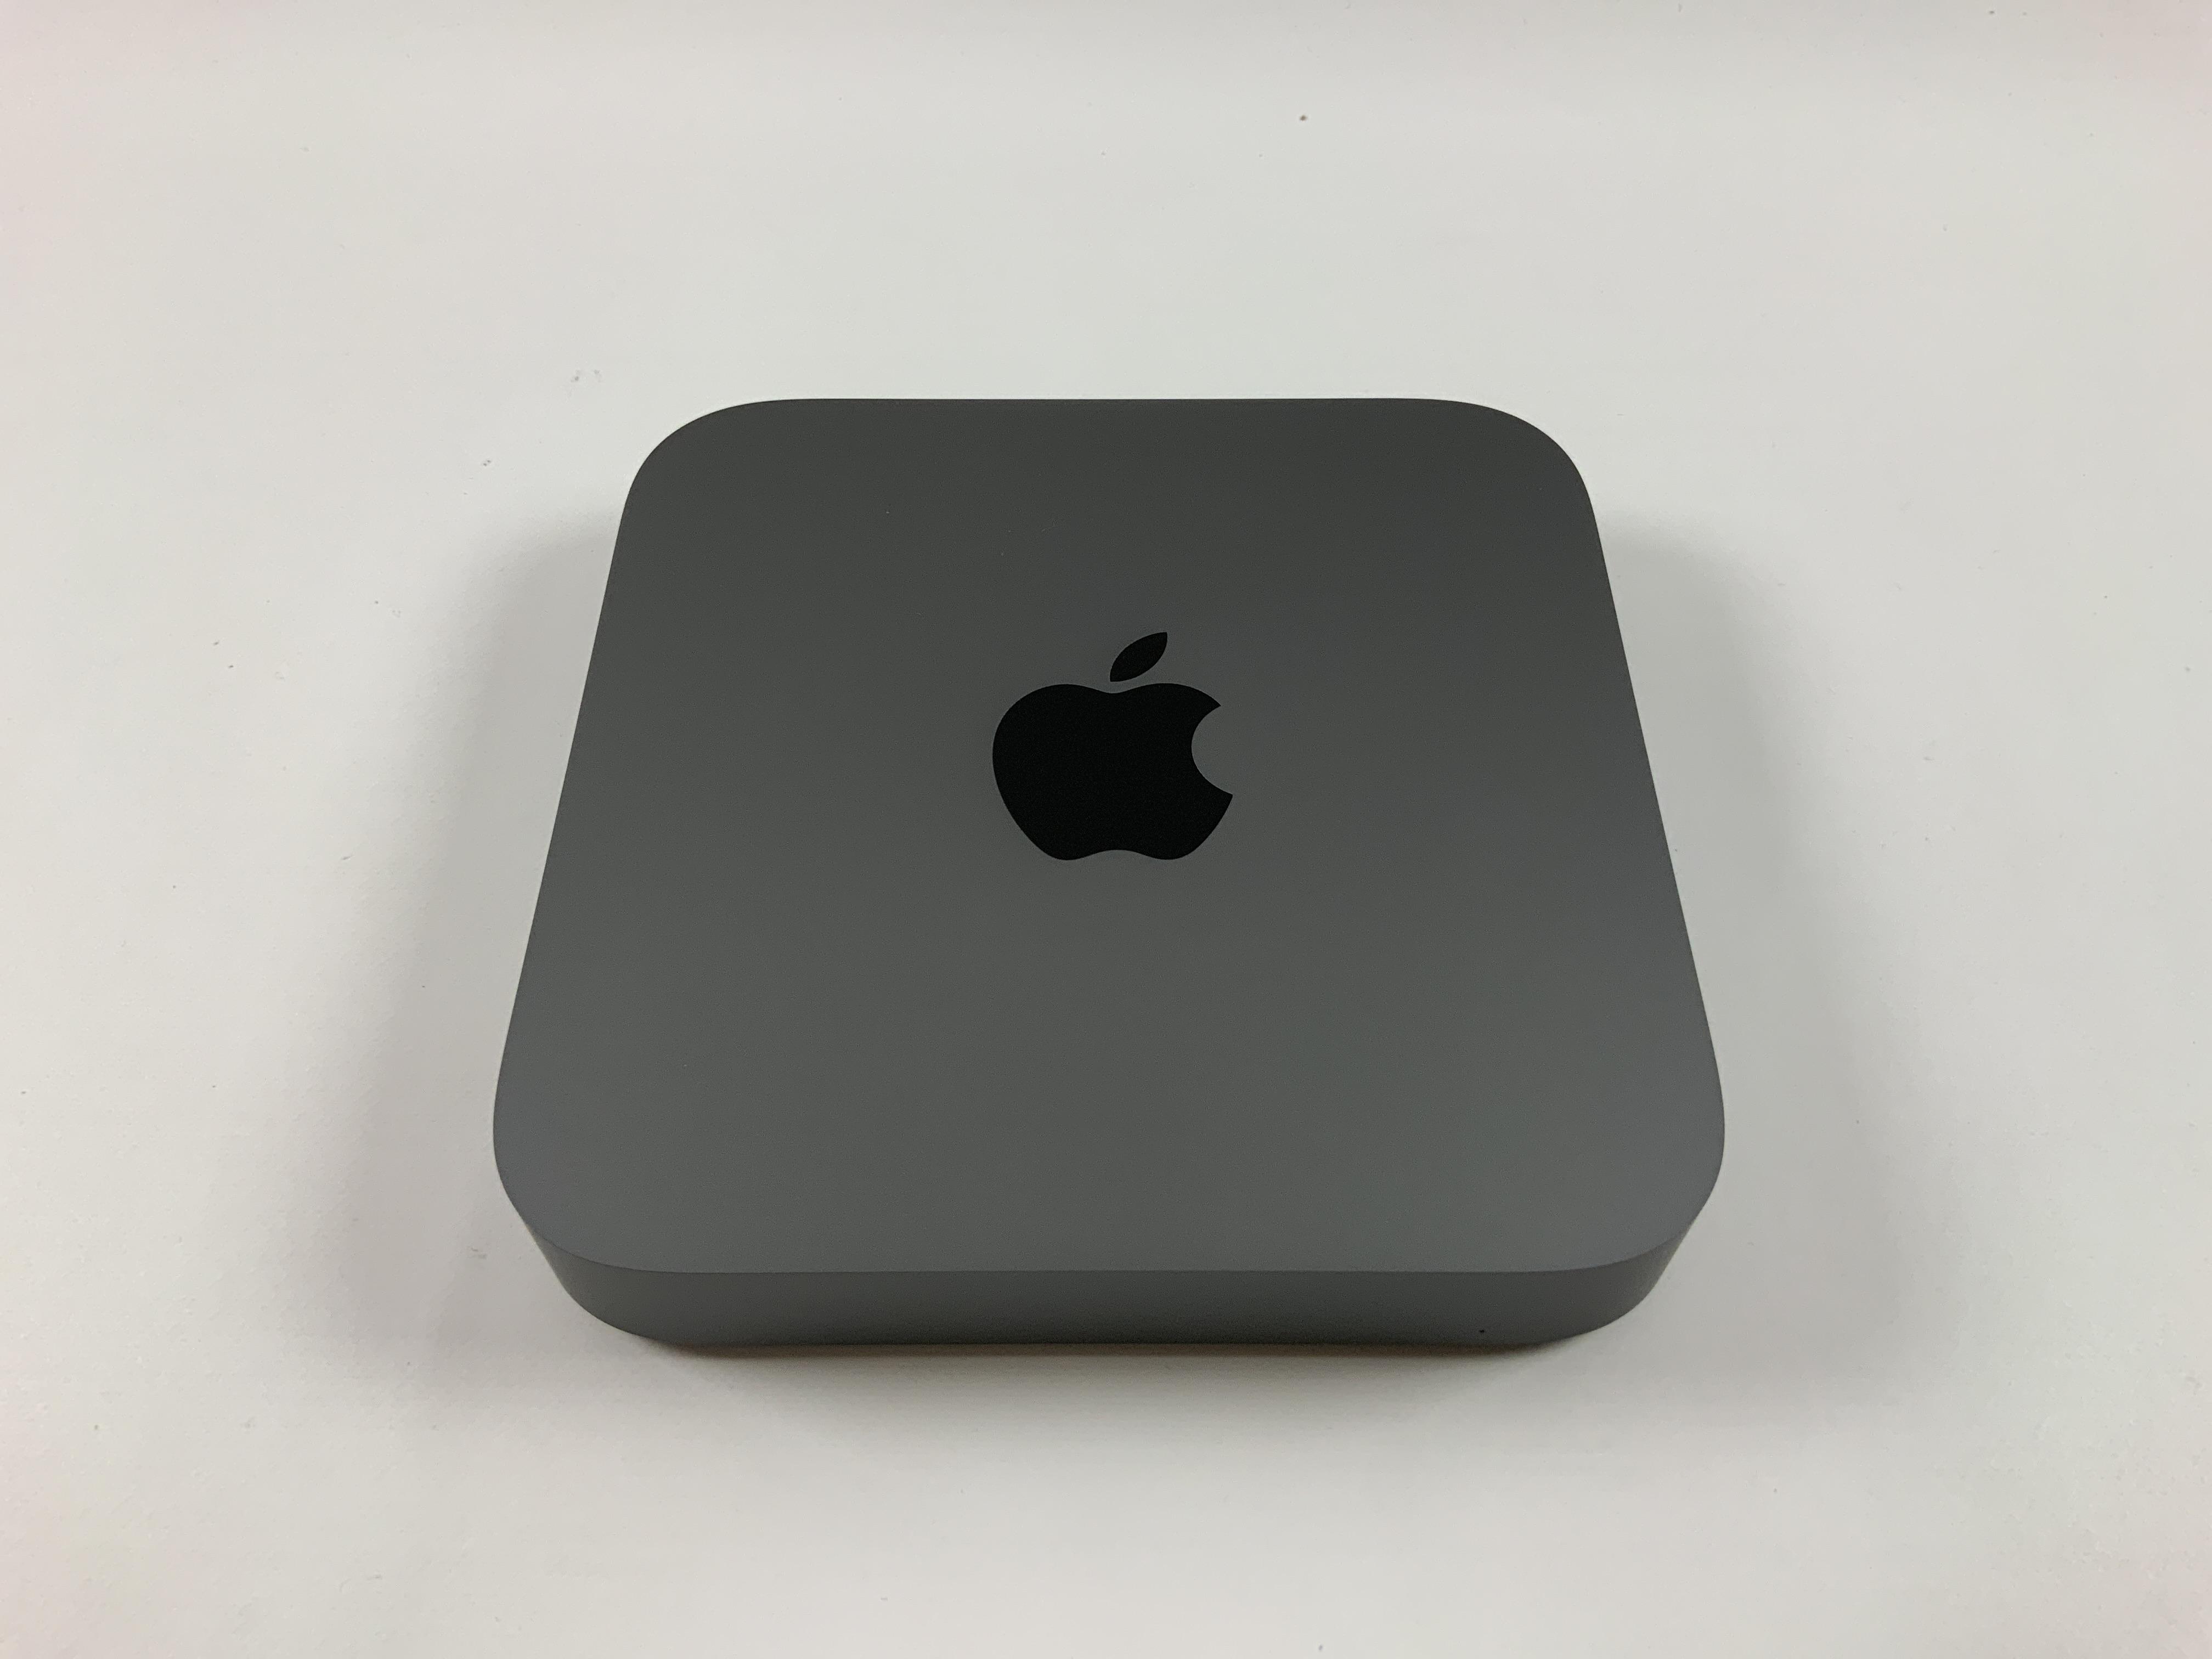 Mac Mini Late 2018 (Intel Quad-Core i3 3.6 GHz 64 GB RAM 256 GB SSD), Intel Quad-Core i3 3.6 GHz, 64 GB RAM, 256 GB SSD, image 1